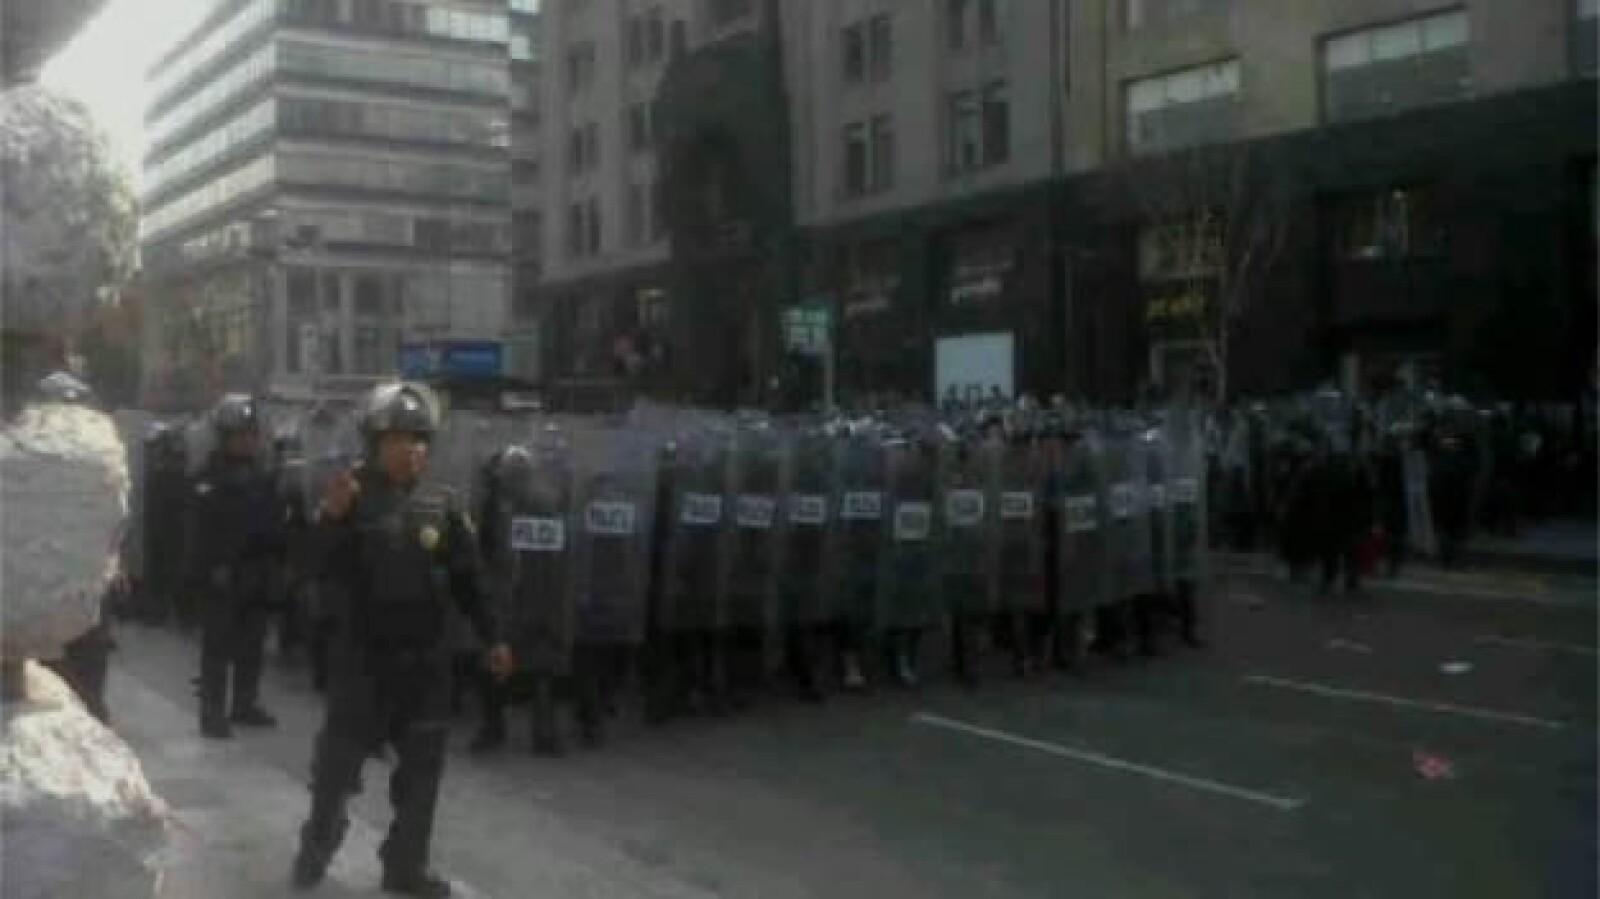 Protestas-San Lázaro- Tom1a de posesión 2